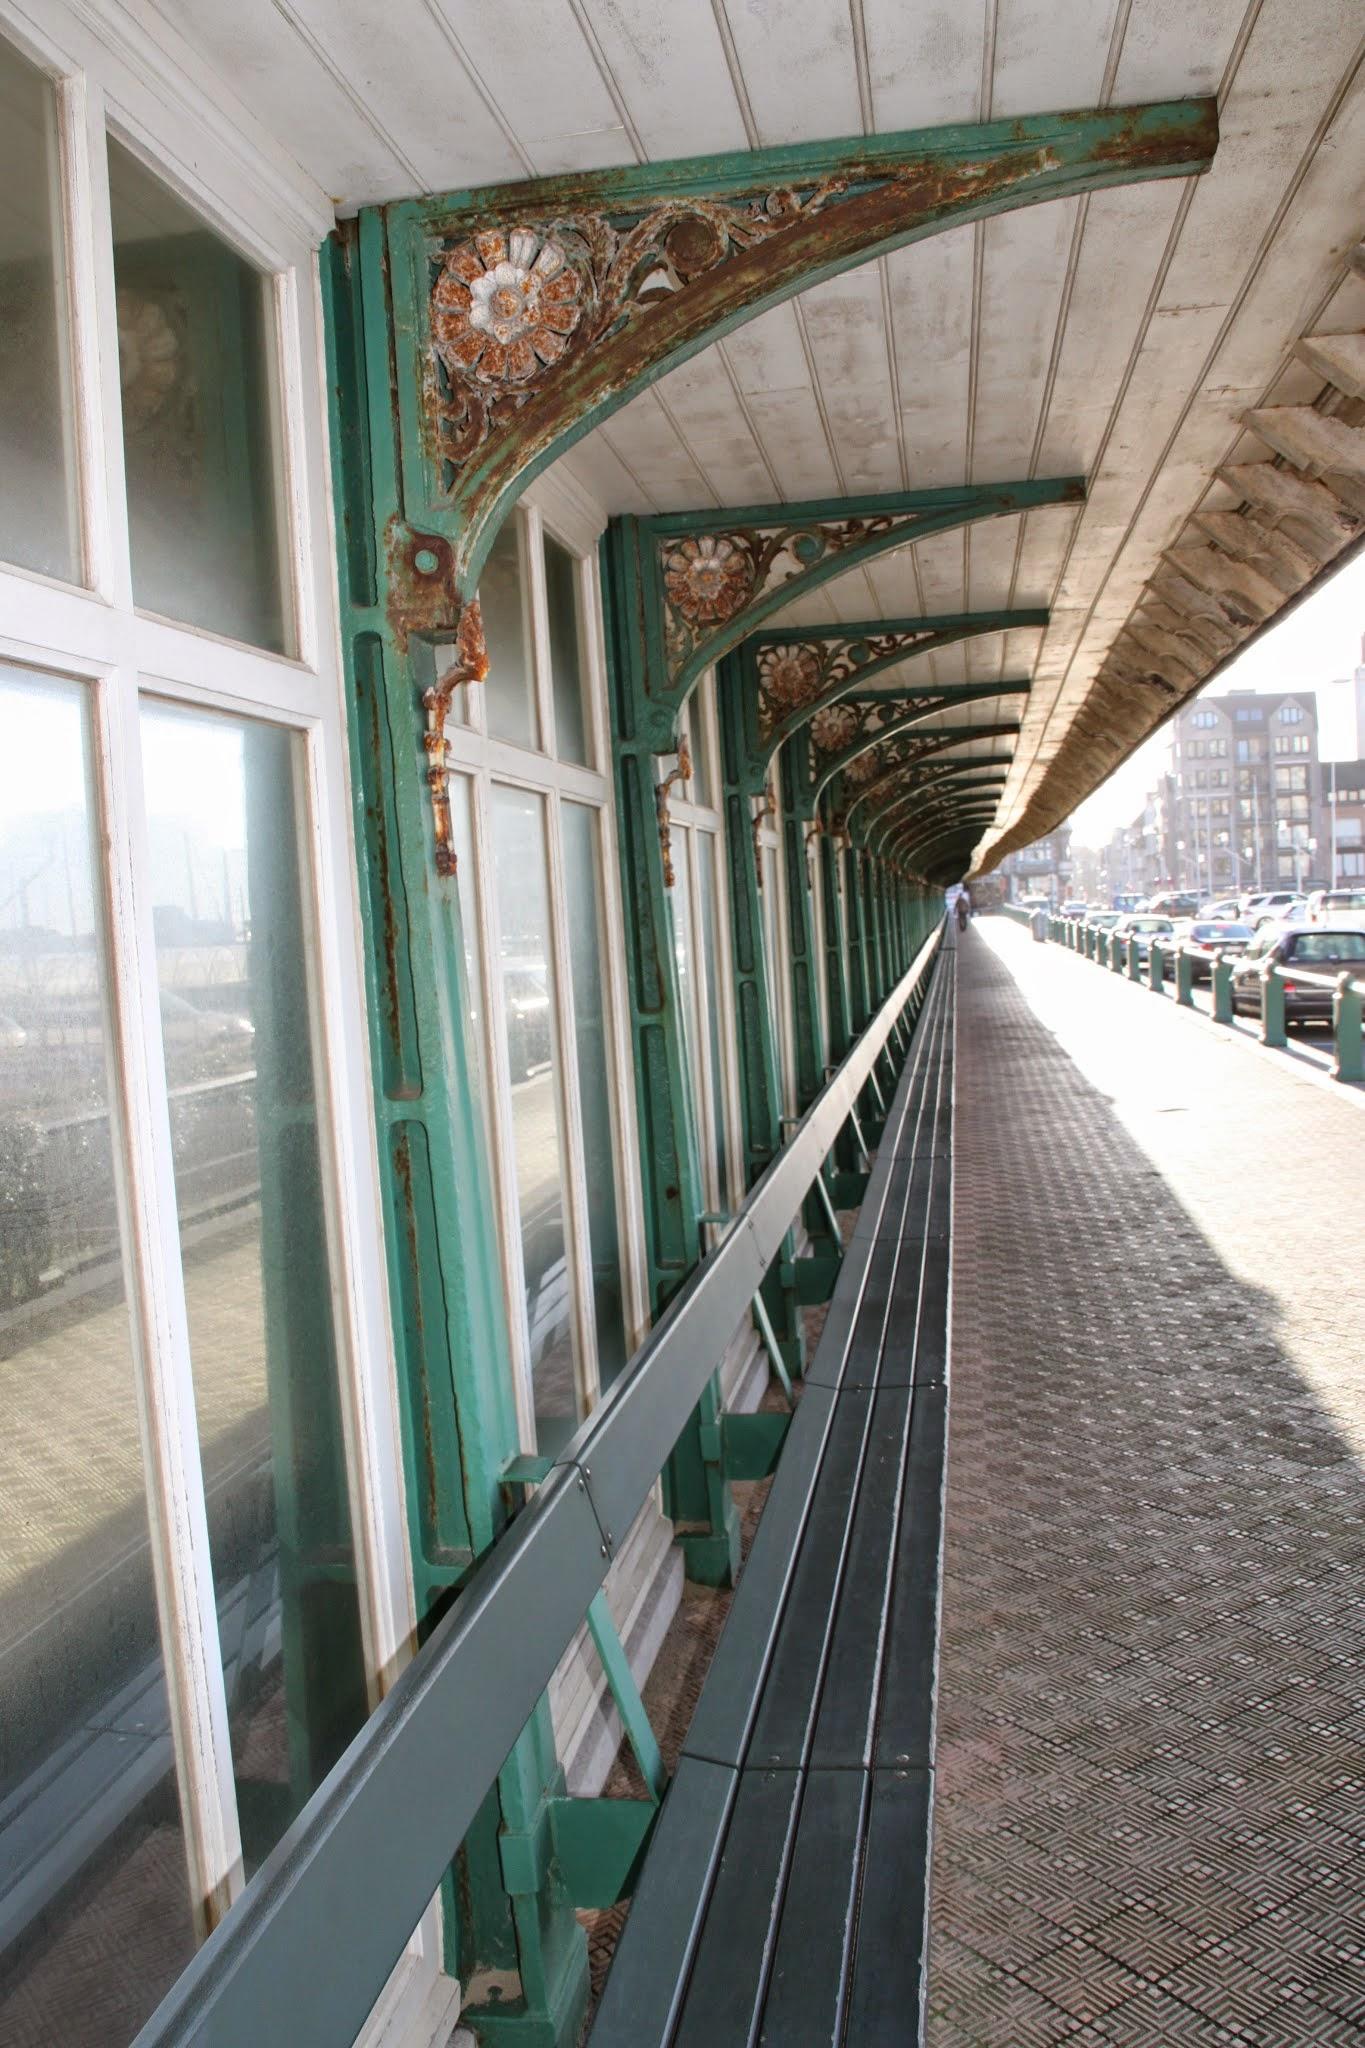 Photo: DeParavangis een bezienswaardigheid Het bouwwerk bestaat uit eenwindschermmet zitbanken, vanwaar men zicht heeft op de jachthaven en het Leopoldpark.